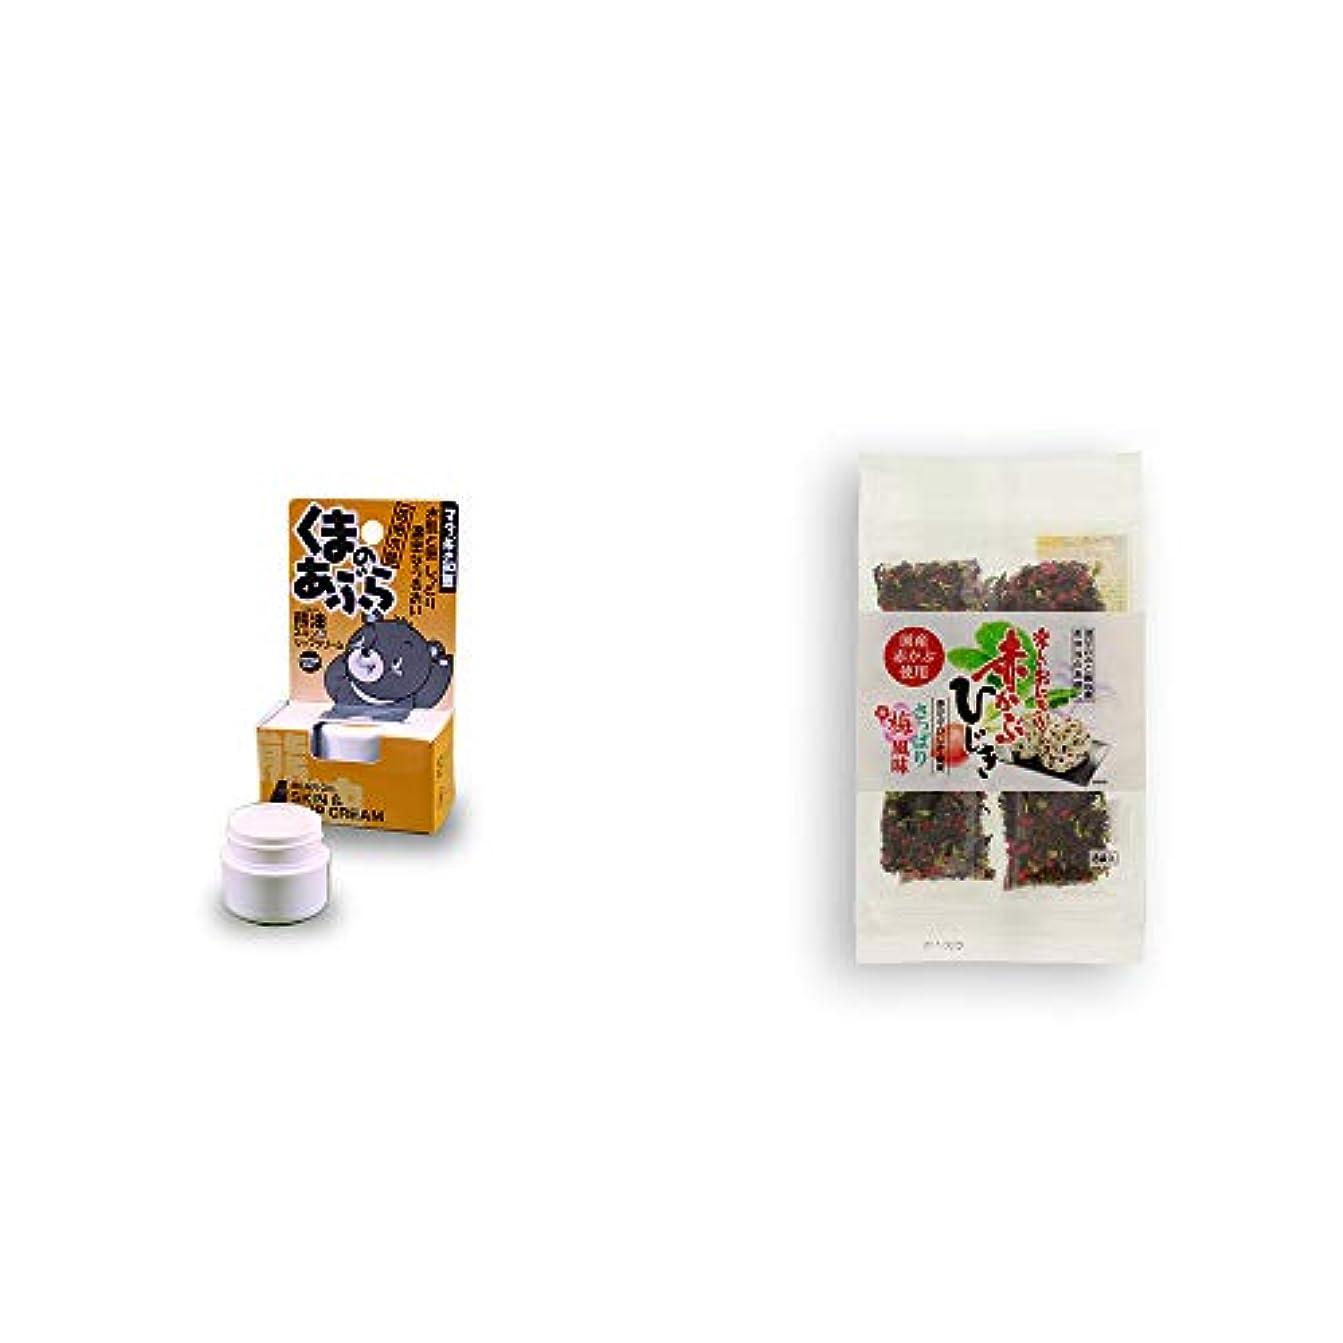 ダメージ分離するインカ帝国[2点セット] 信州木曽 くまのあぶら 熊油スキン&リップクリーム(9g)?楽しいおにぎり 赤かぶひじき(8g×8袋)